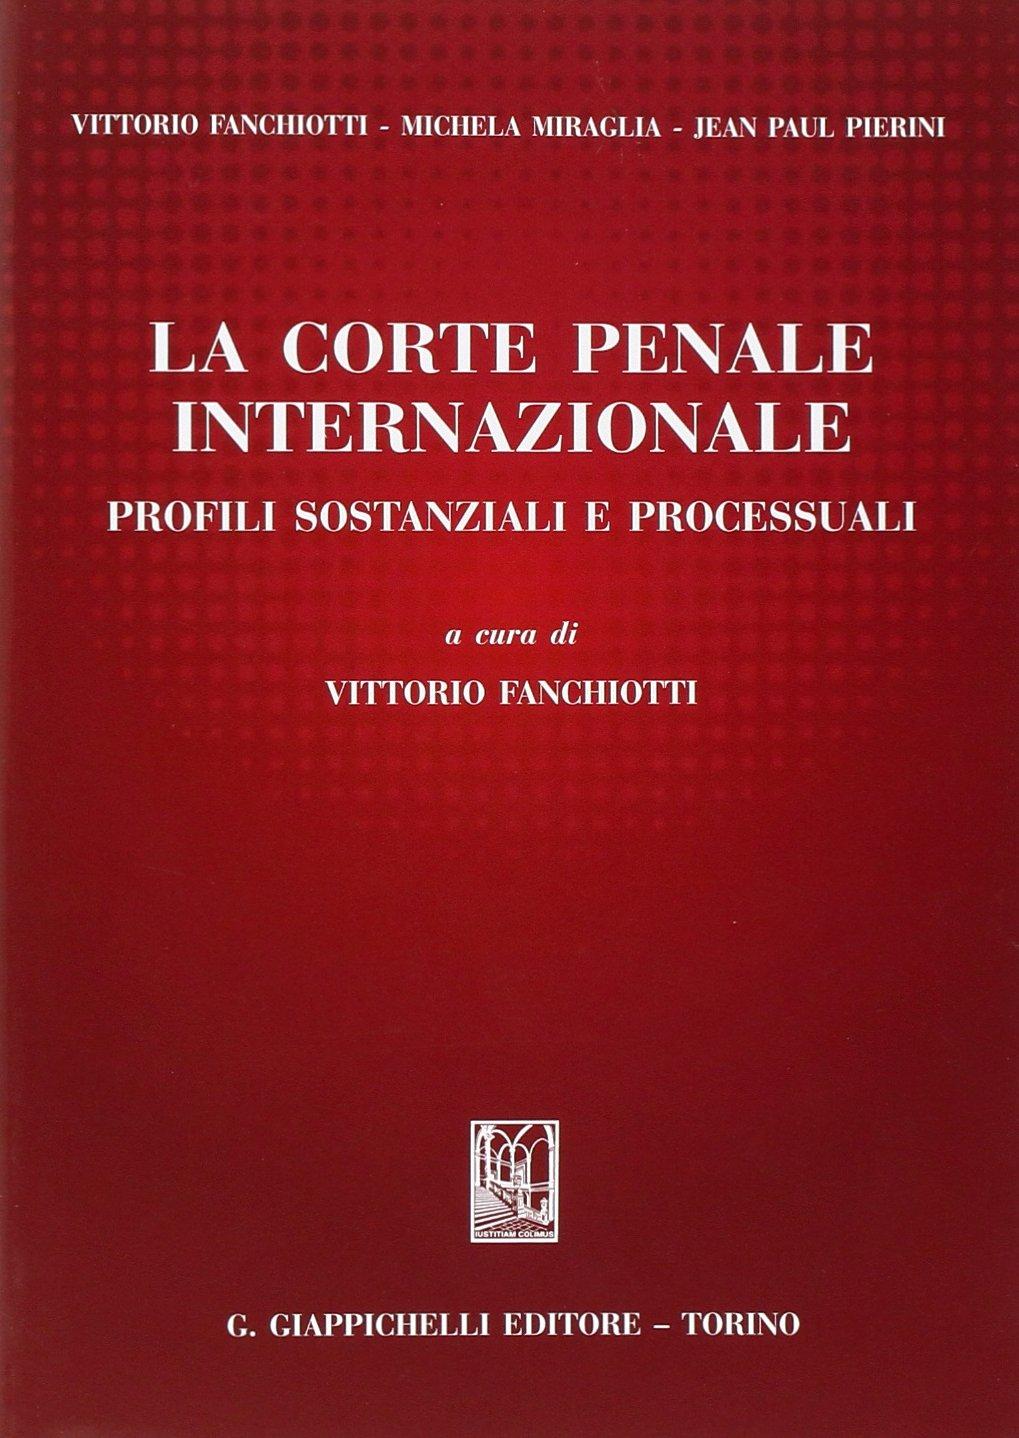 La Corte penale internazionale. Profili sostanziali e processuali Copertina flessibile – 1 mag 2014 V. Fanchiotti Giappichelli 8834847970 Diritto penale internazionale